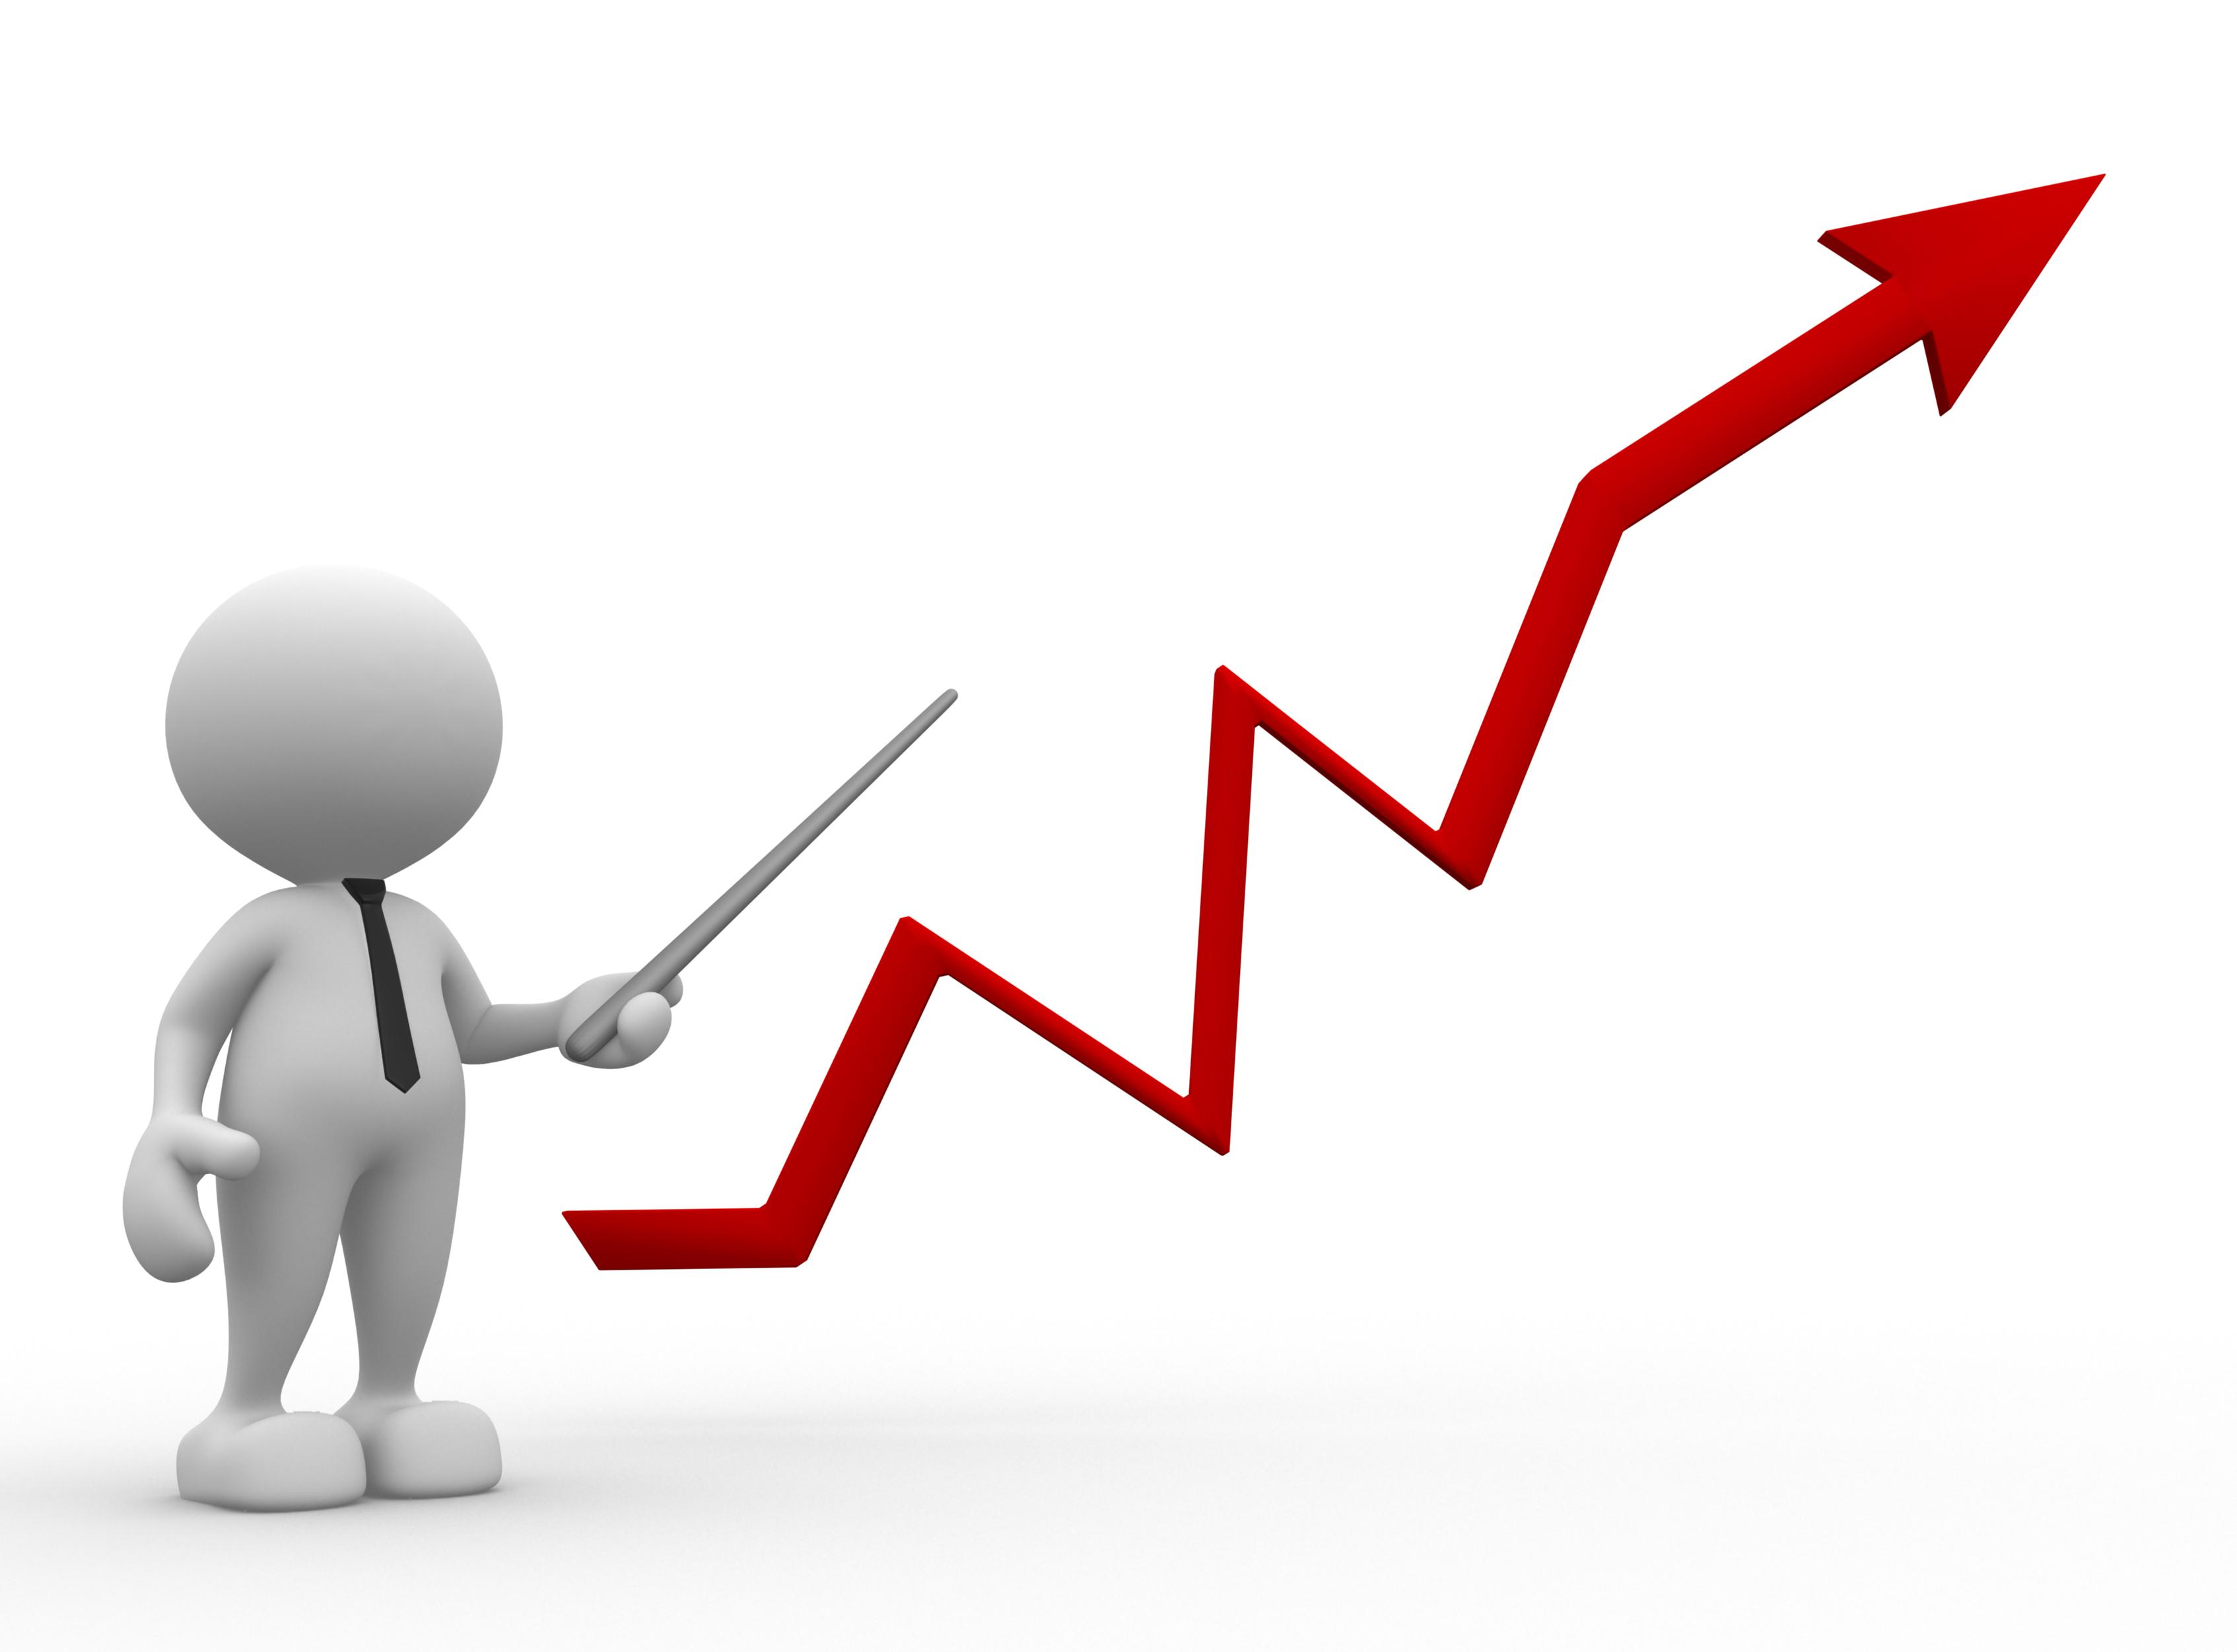 A cartoon figure pointing towards an upward trending graph.